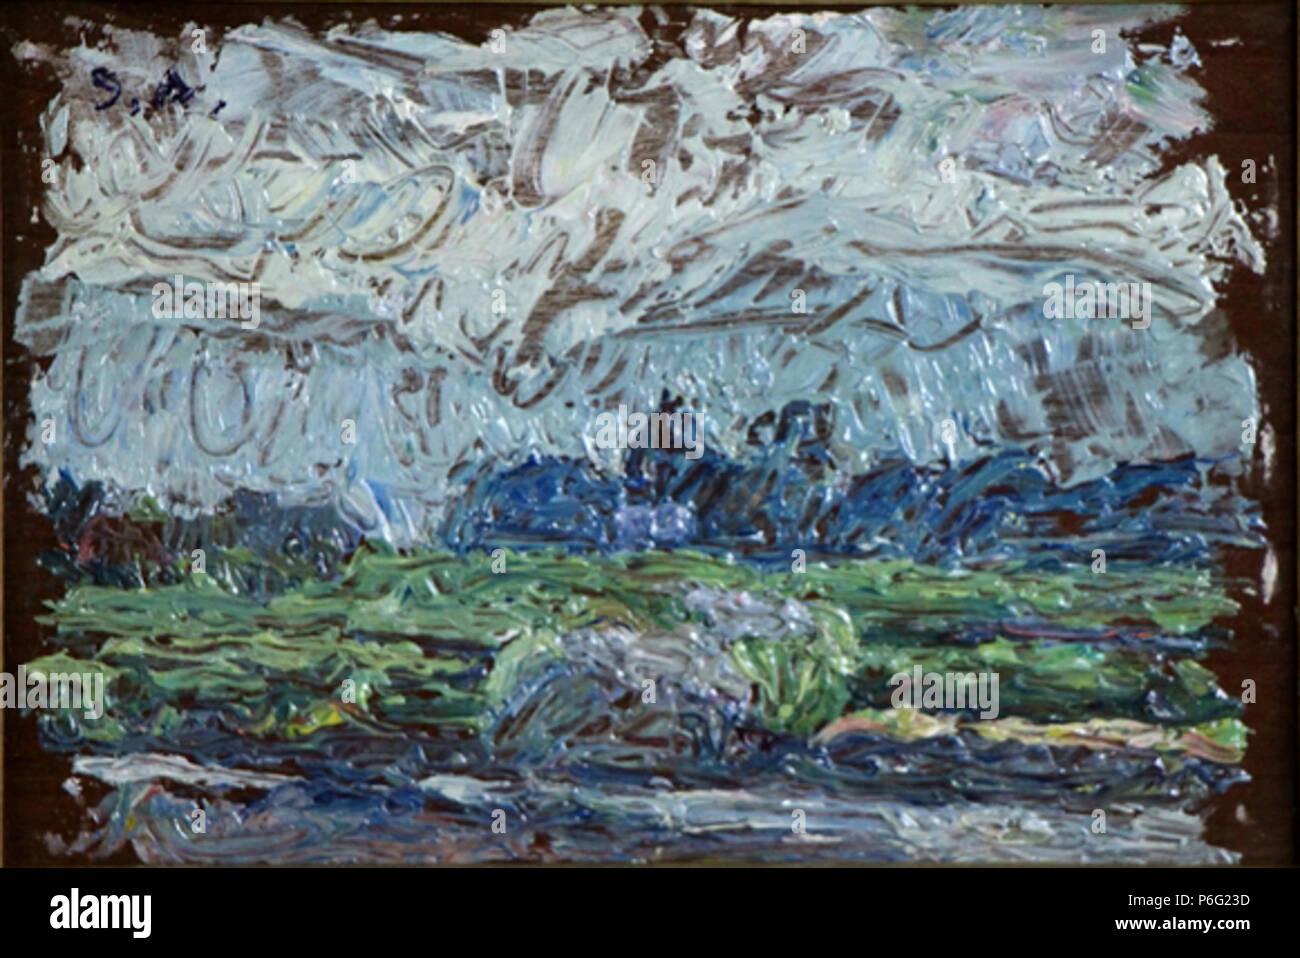 English: A Cloudy Day, by Aoki Shigeru, Ten-ichi Museum, Minakami ...